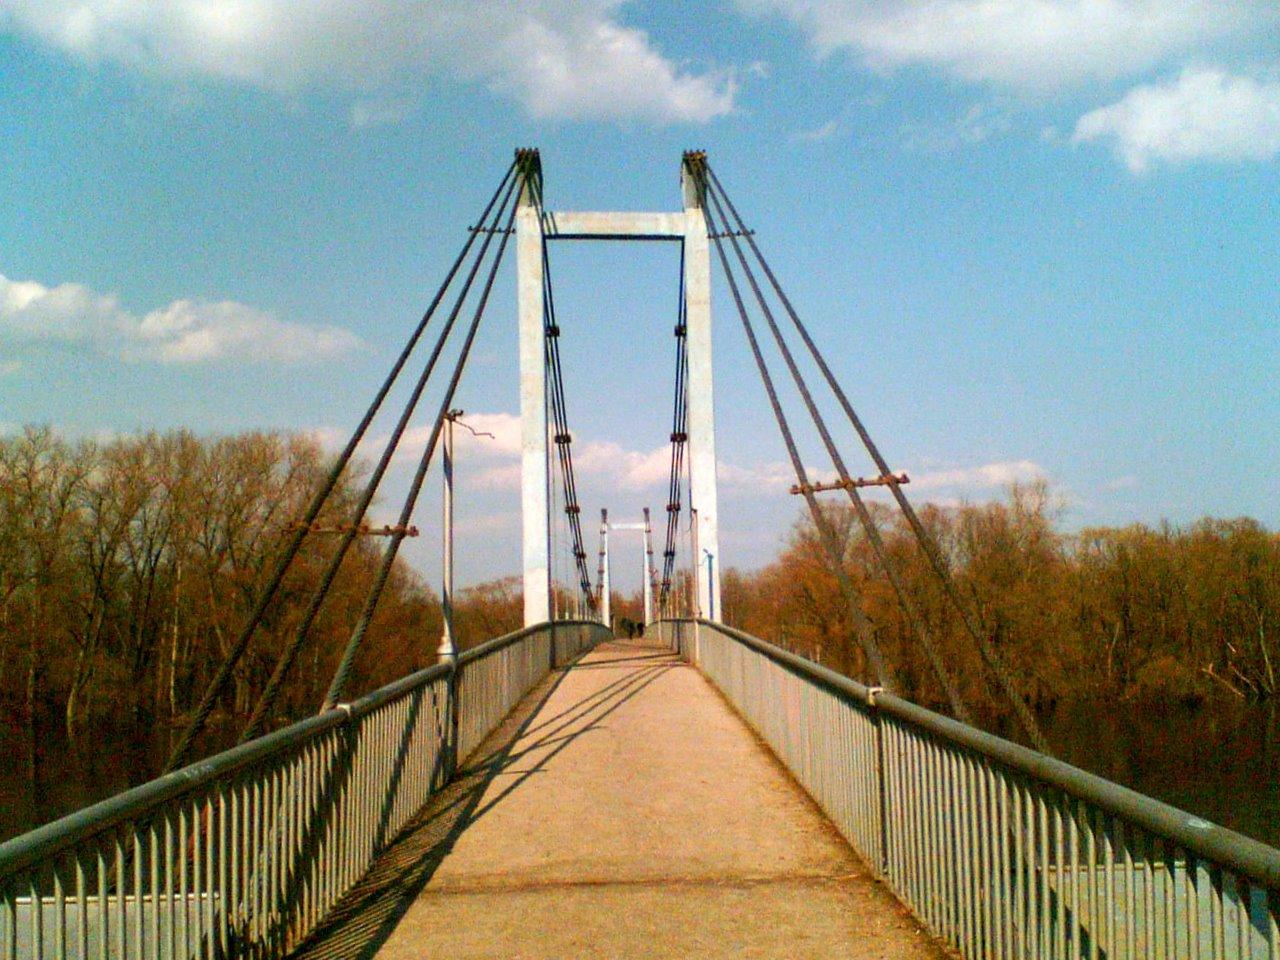 Волонтеры «Единой России» начали покраску Голубого моста в Брянске